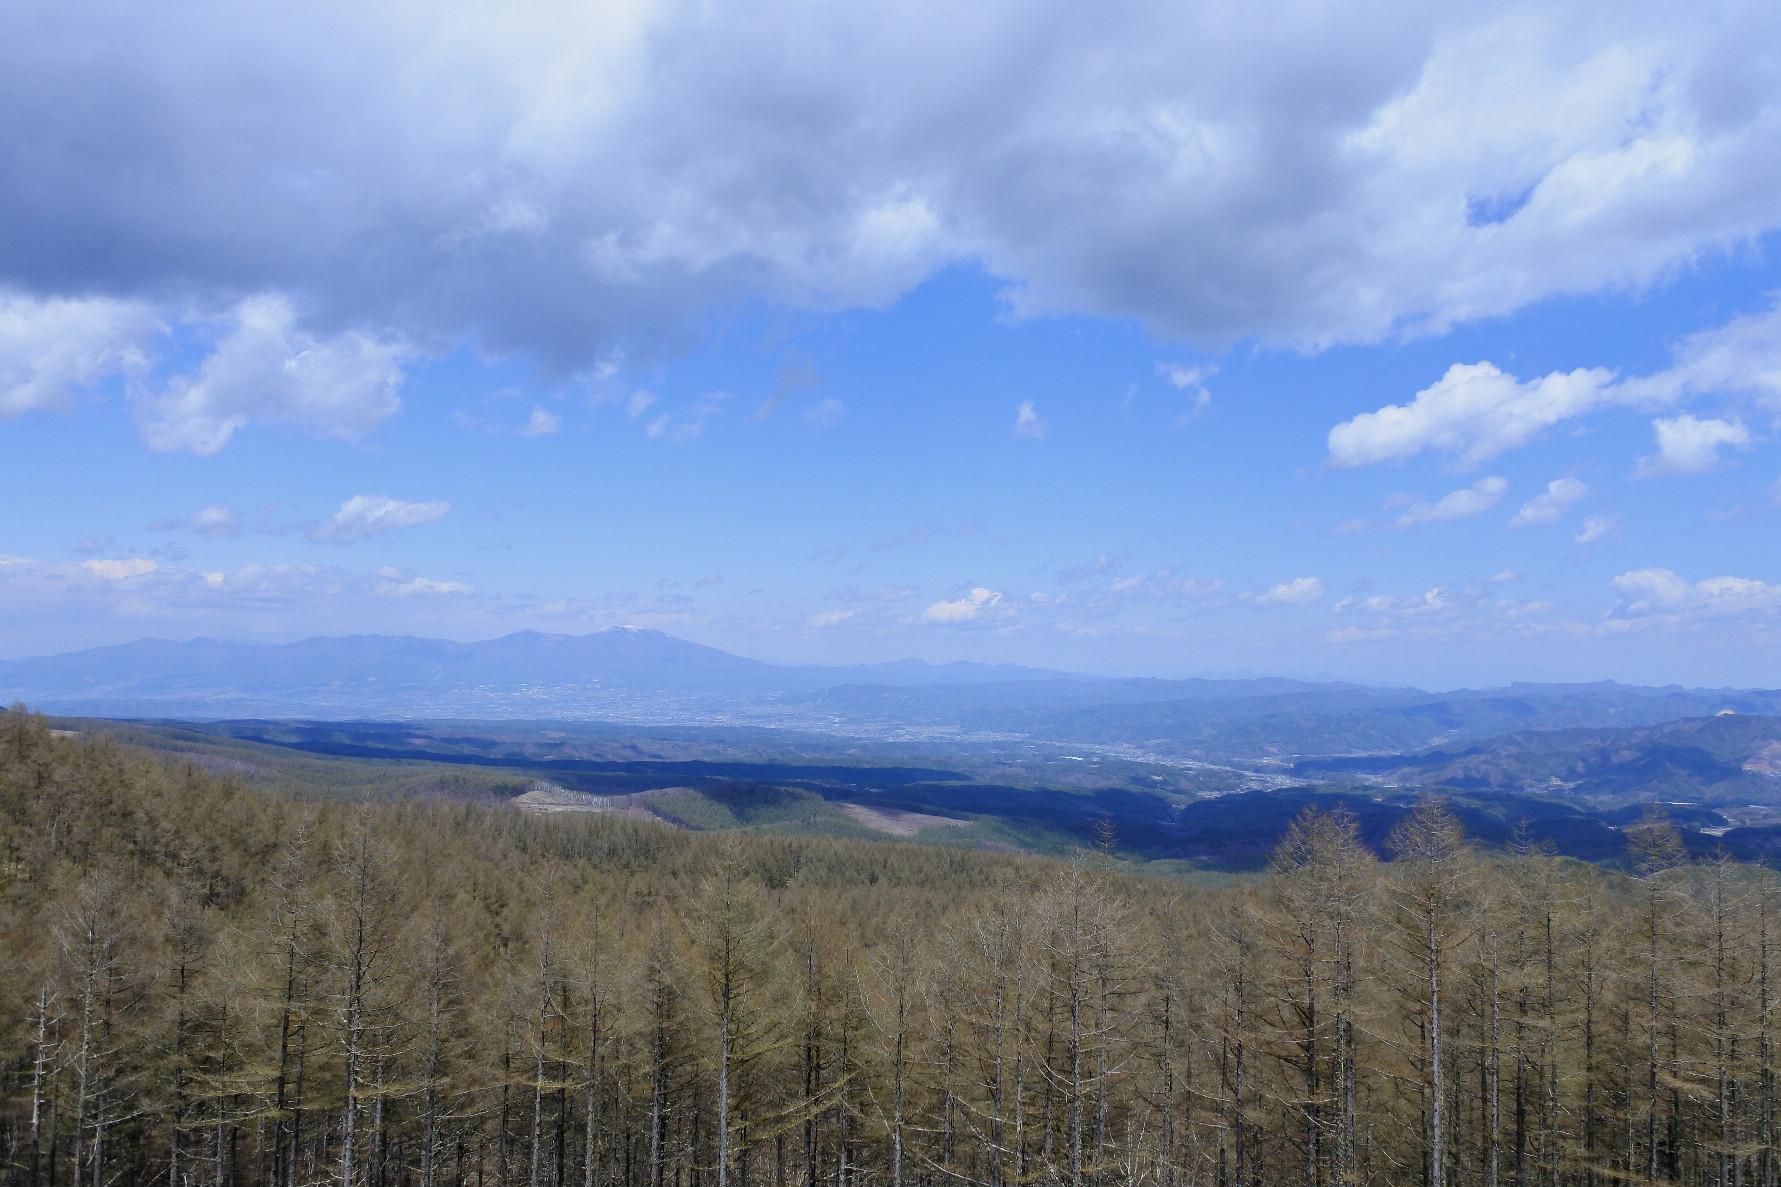 長野そぞろ歩き:八ヶ岳をドライブ_f0049074_07083948.jpg